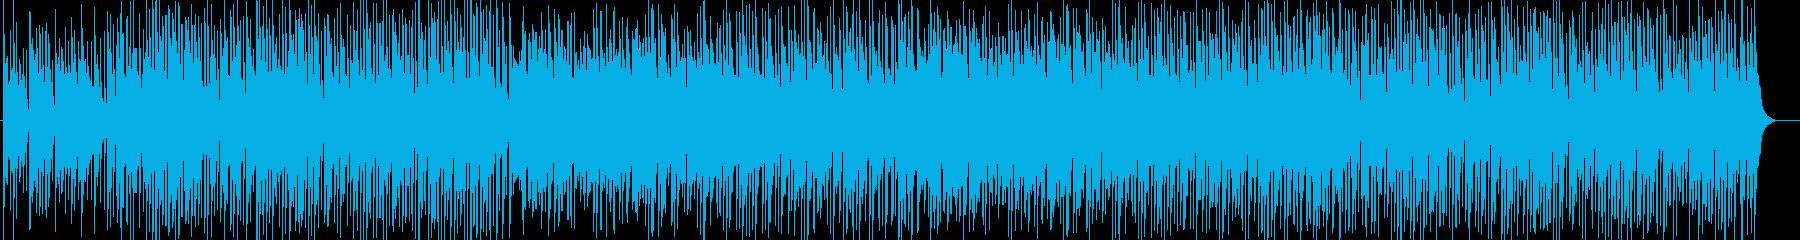 クラシックをアレンジした軽快なチャチャチの再生済みの波形